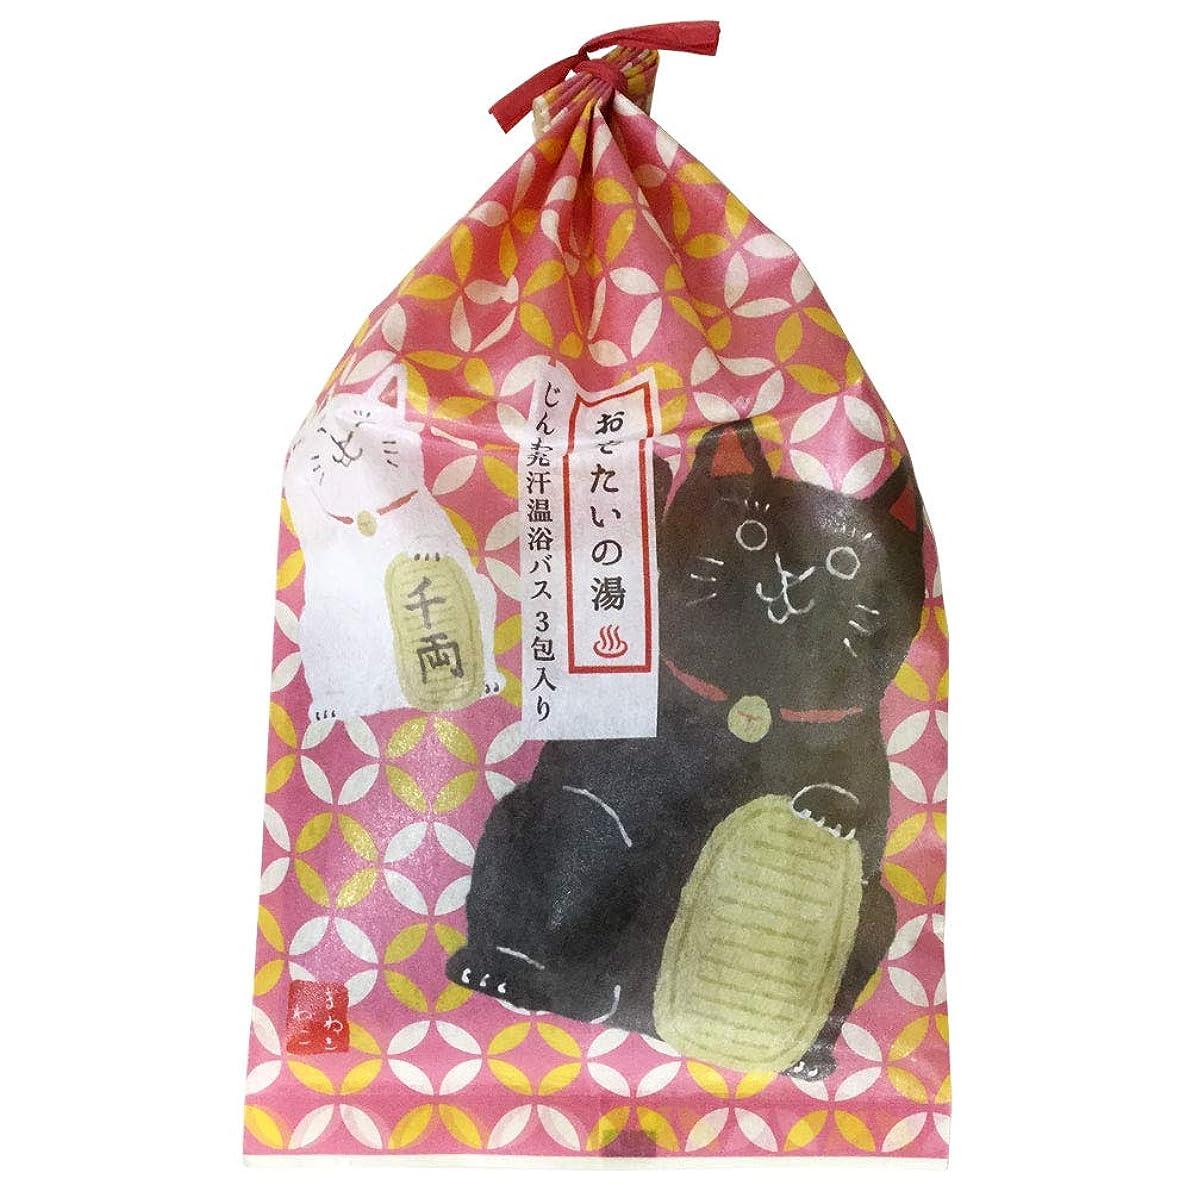 憎しみ受取人ジャーナル【招き猫(60789)】 チャーリー おめでたいの湯 バスバッグ3包入り 日本製